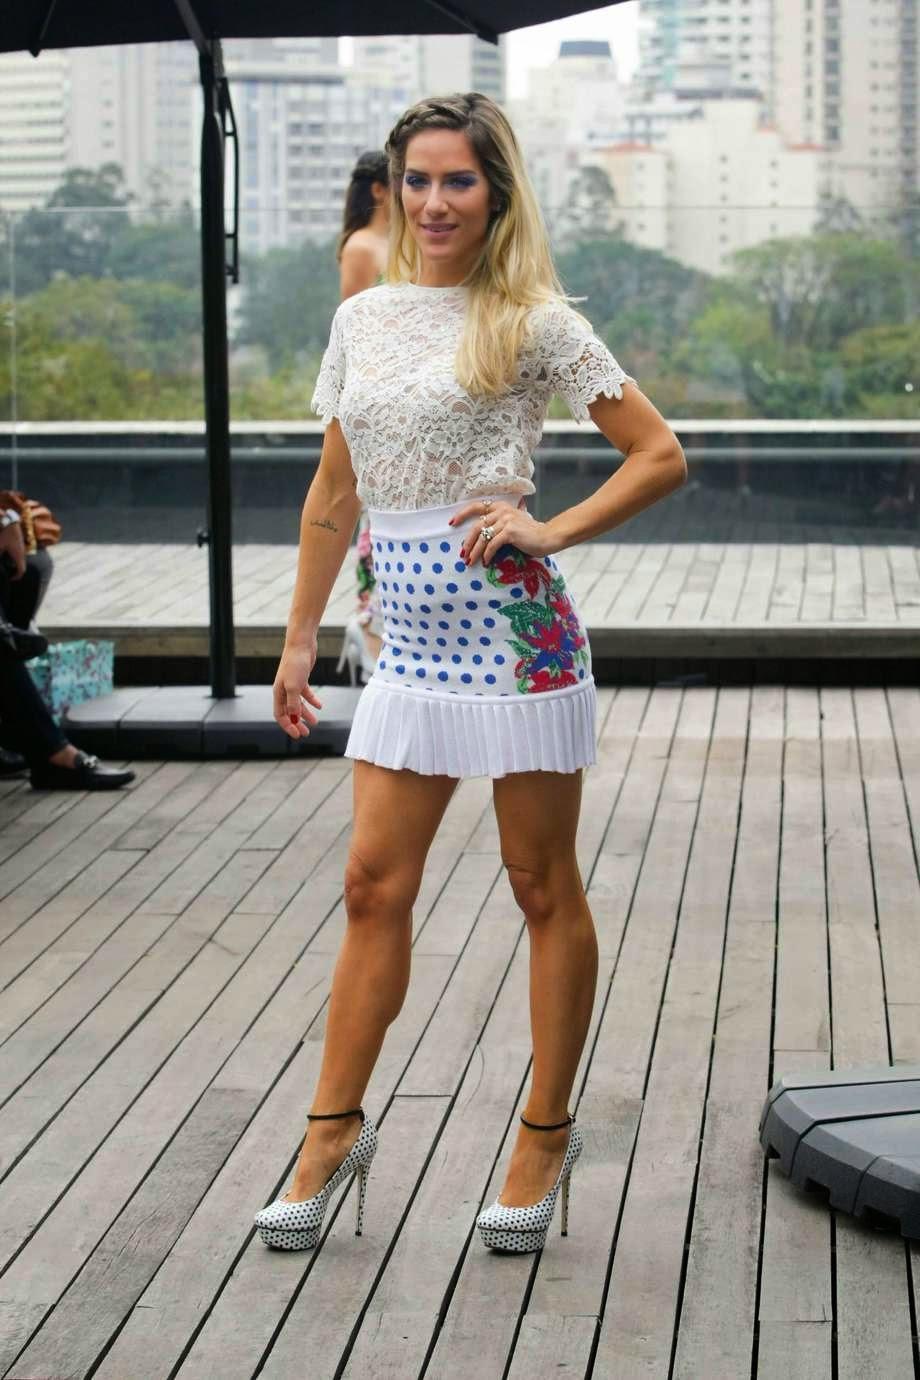 A atriz Fiorella Mattheis desfilou com um vestido branco transparente